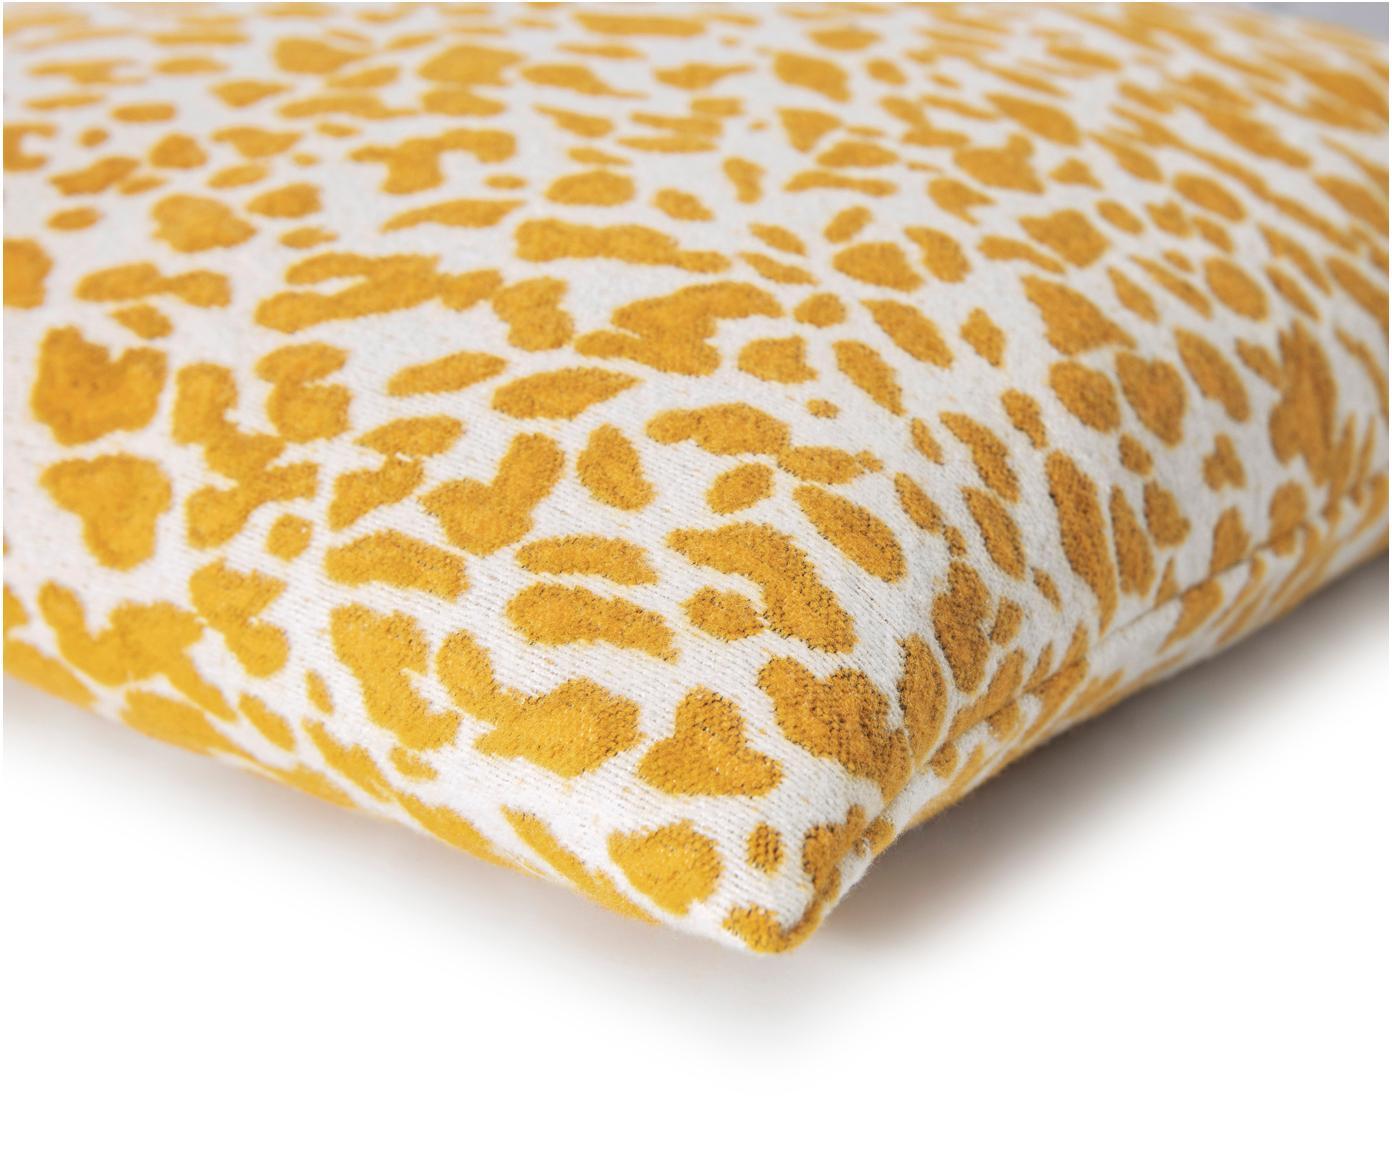 Housse de coussin 50x50 jaune Leopardo, Jaune moutarde, blanc